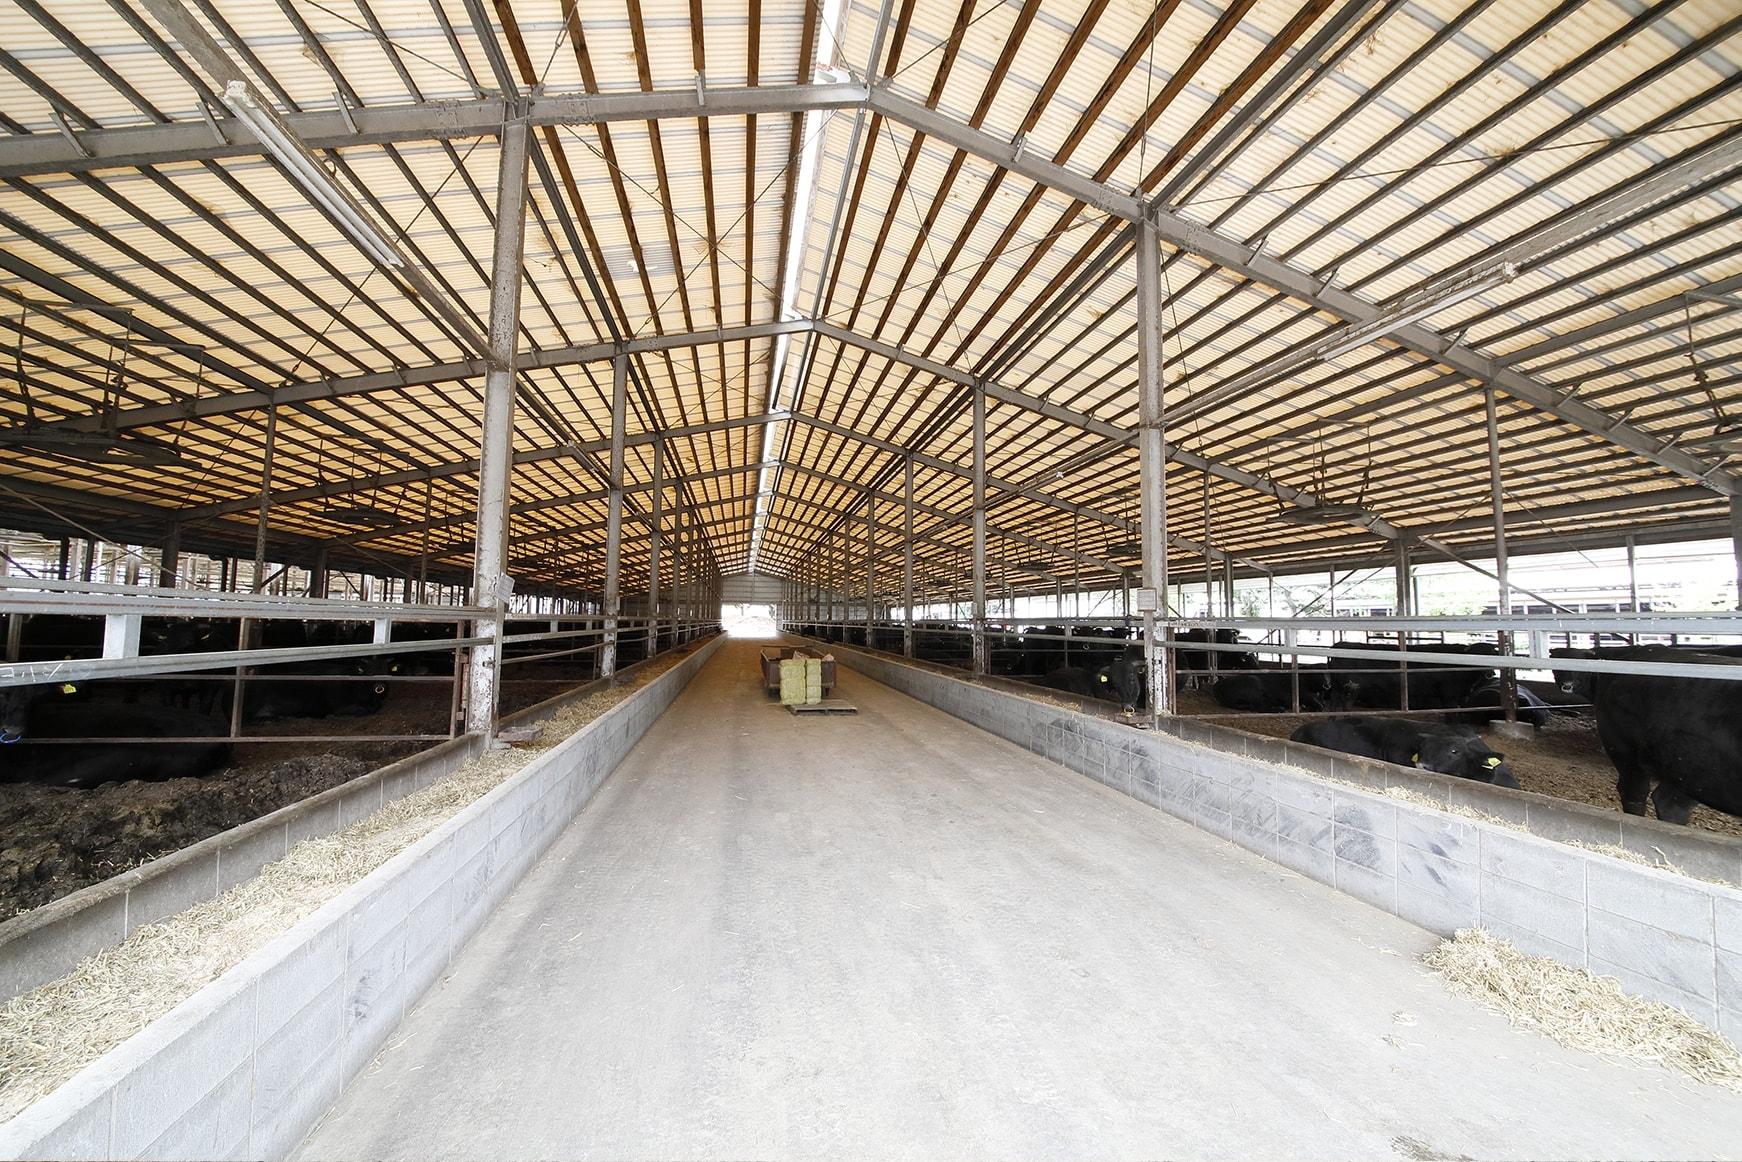 亀井牧場グループの牛舎